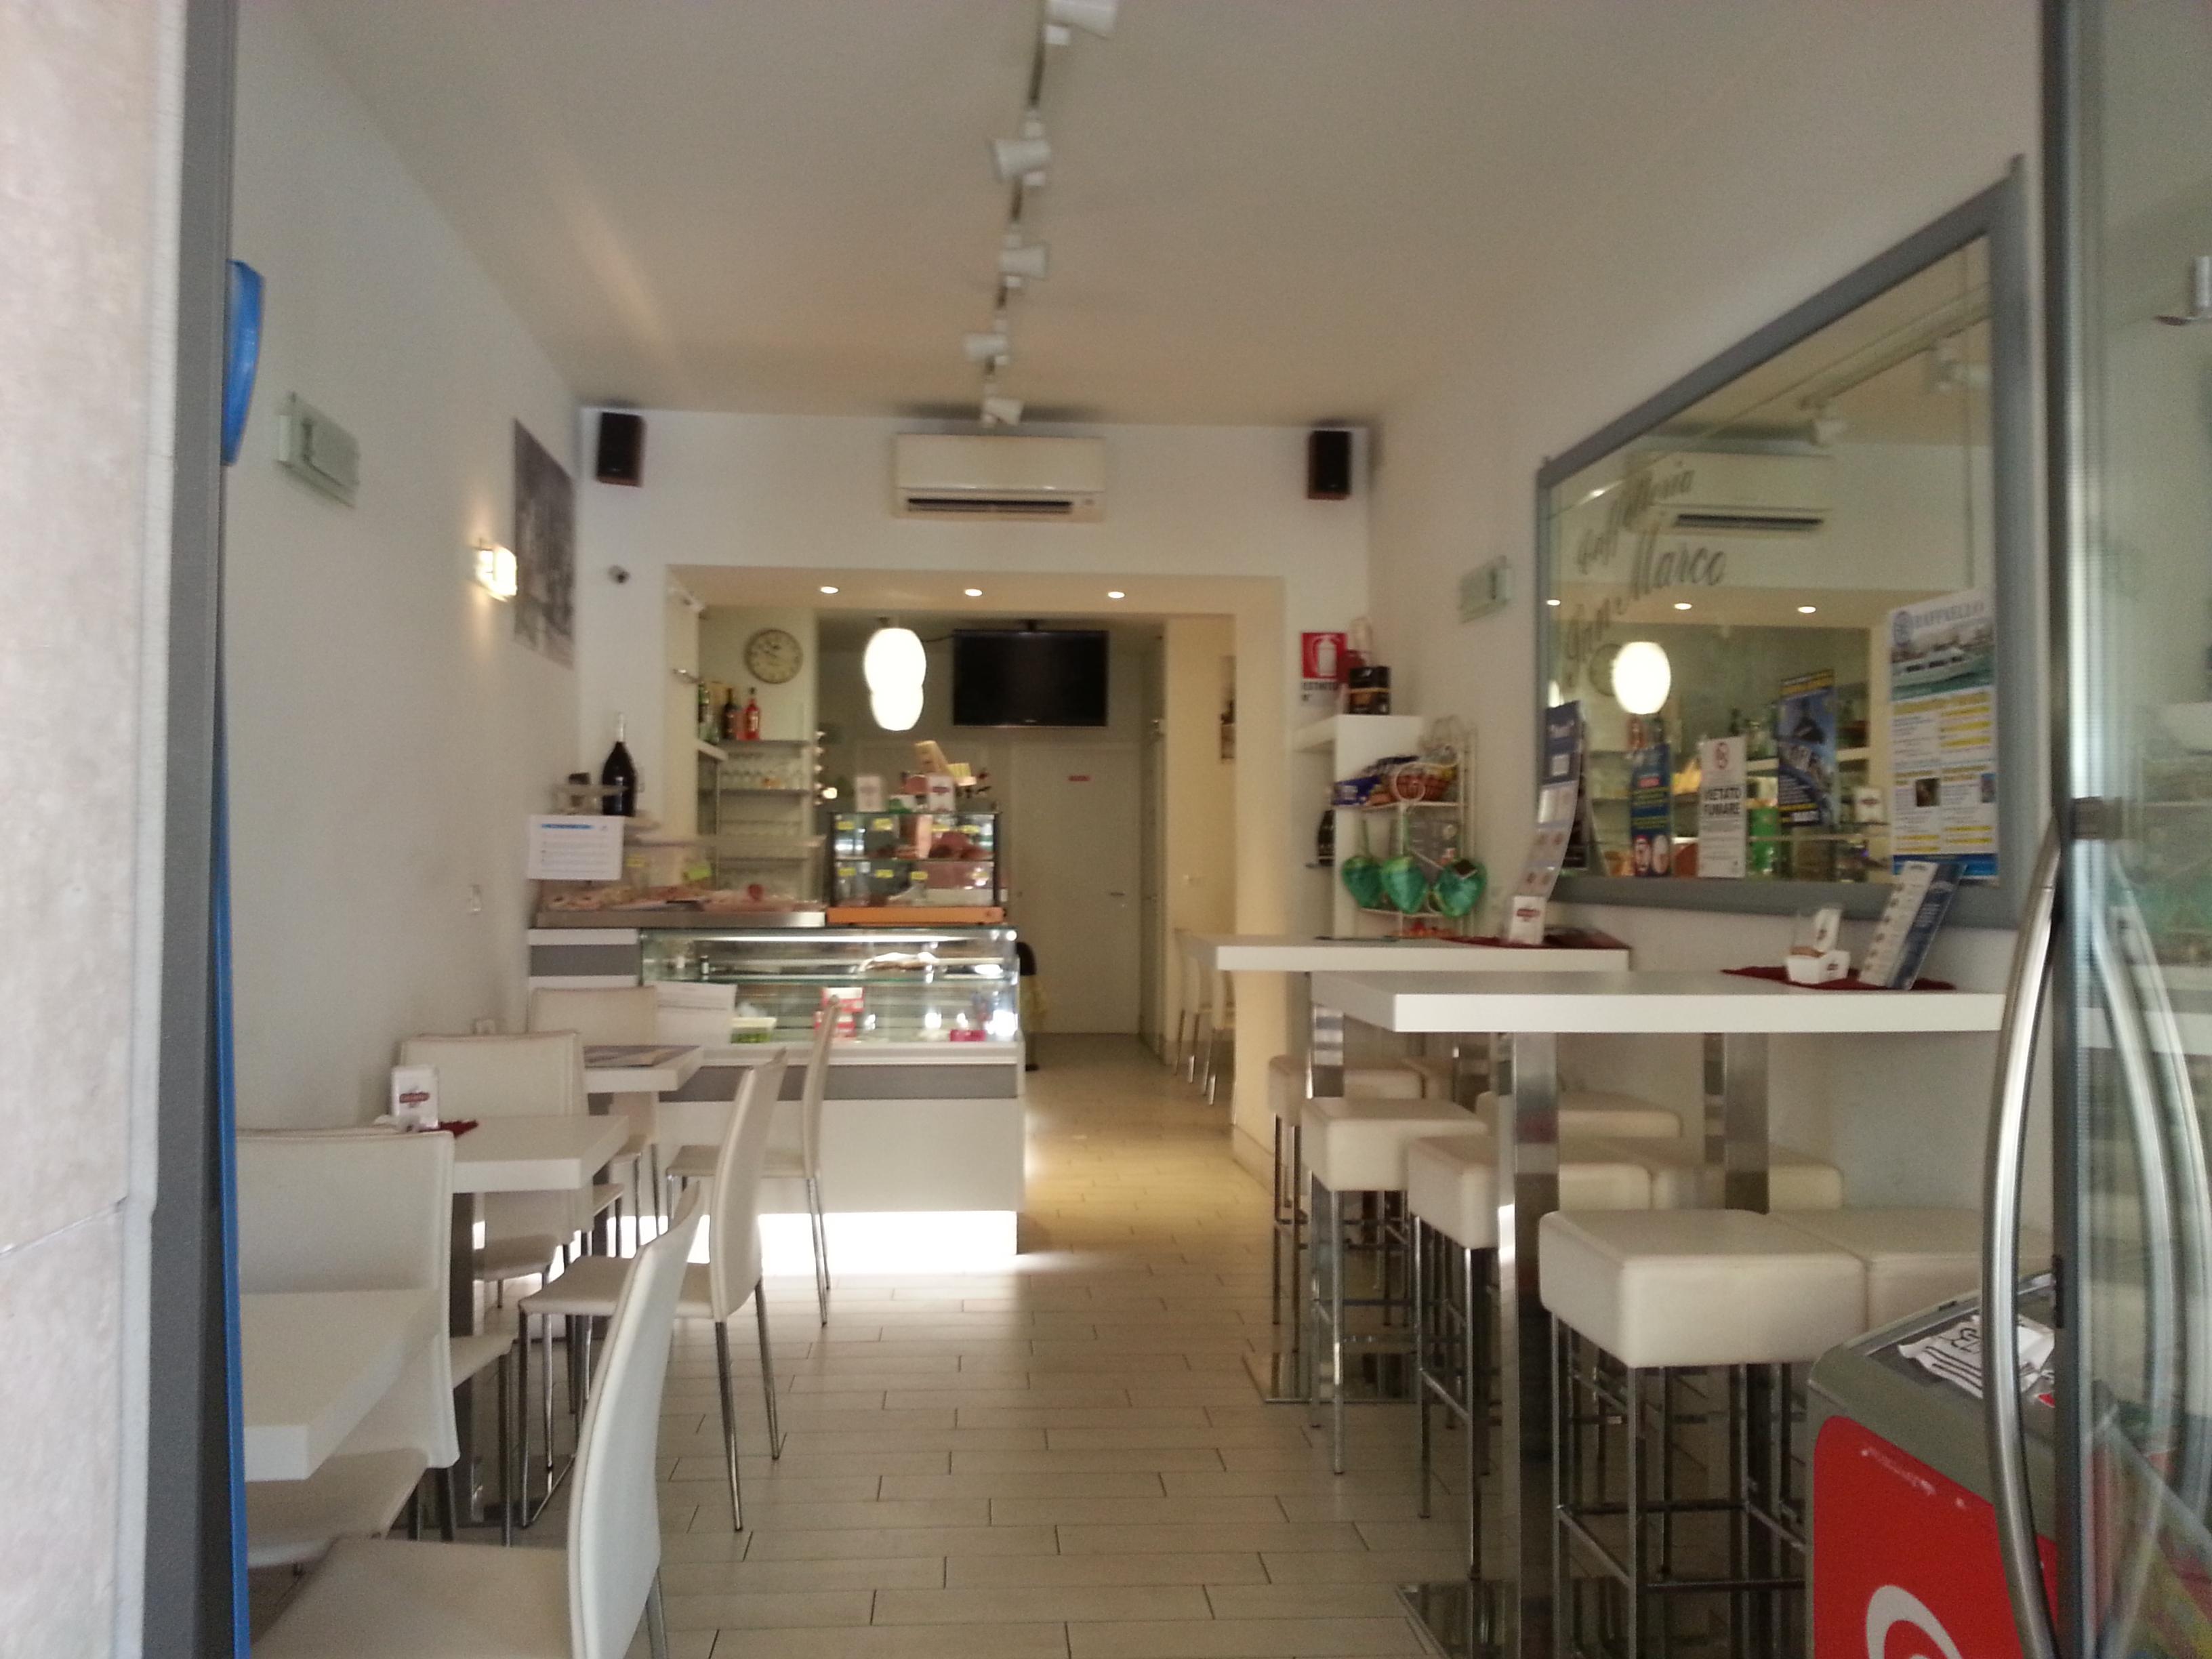 Attività di Bar a Chioggia